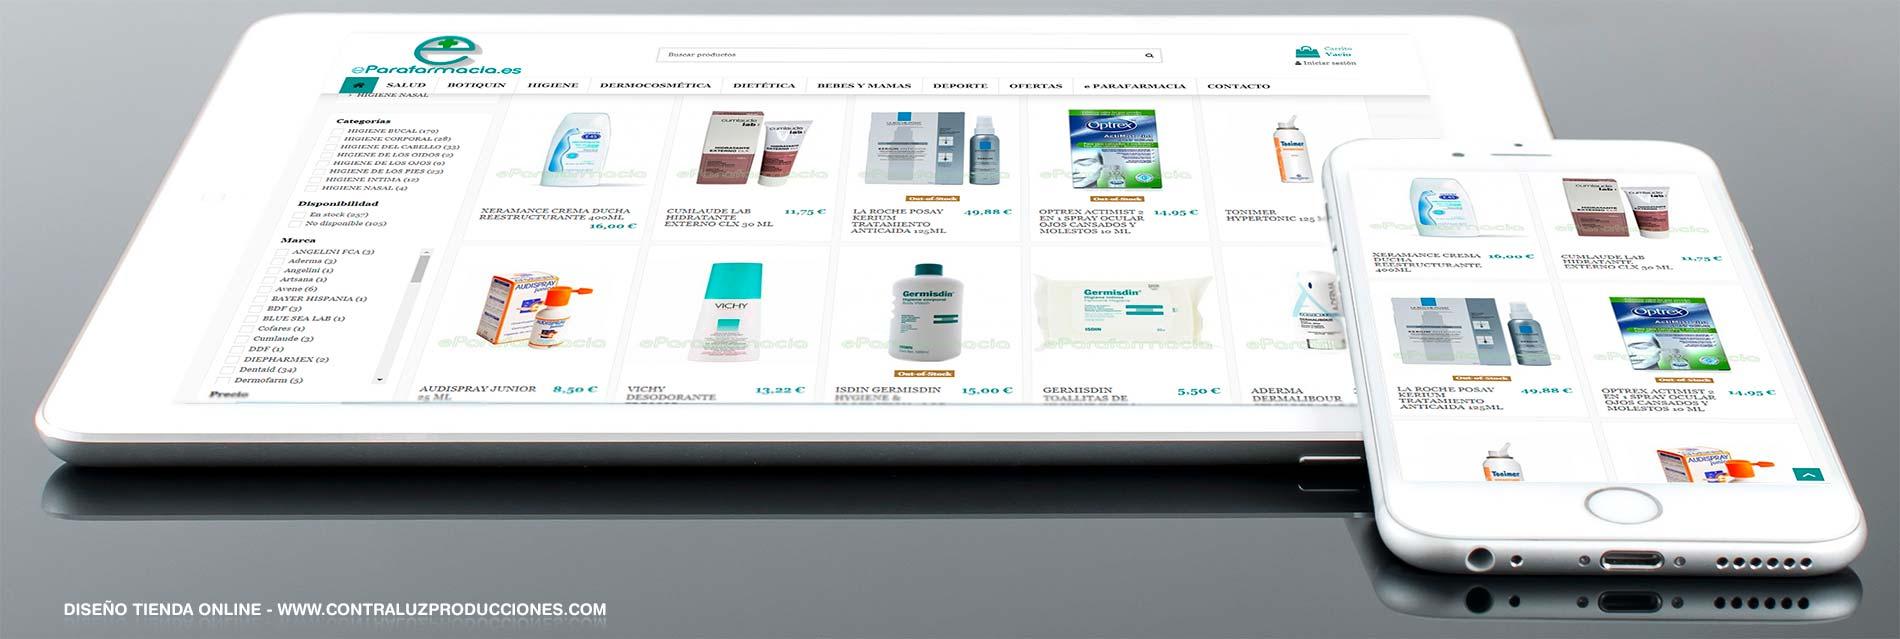 tienda online personalizada avila contraluzproducciones